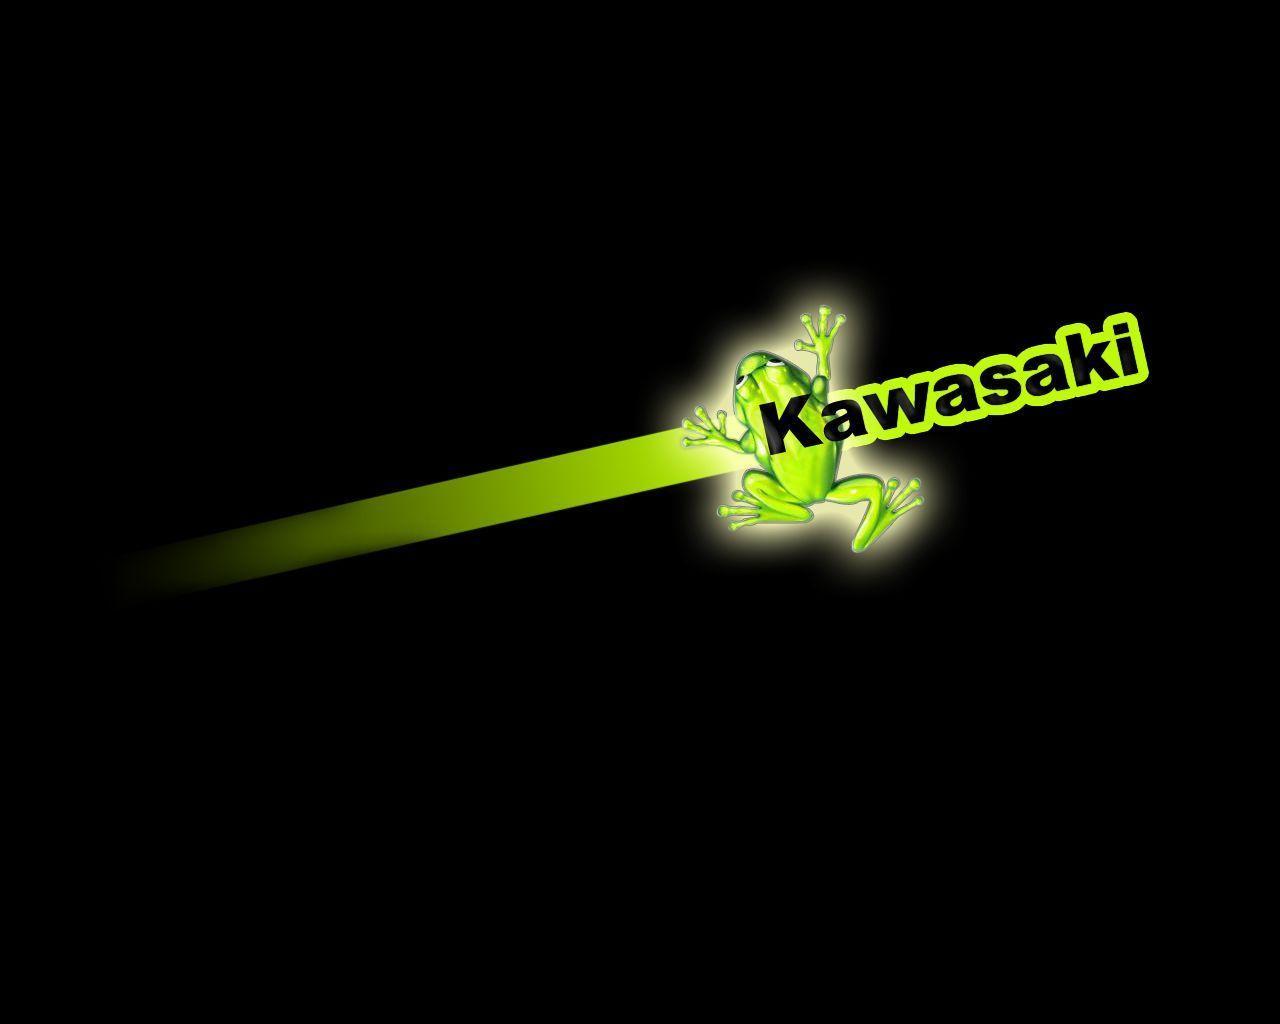 Kawasaki Logo Wallpapers Wallpaper Cave